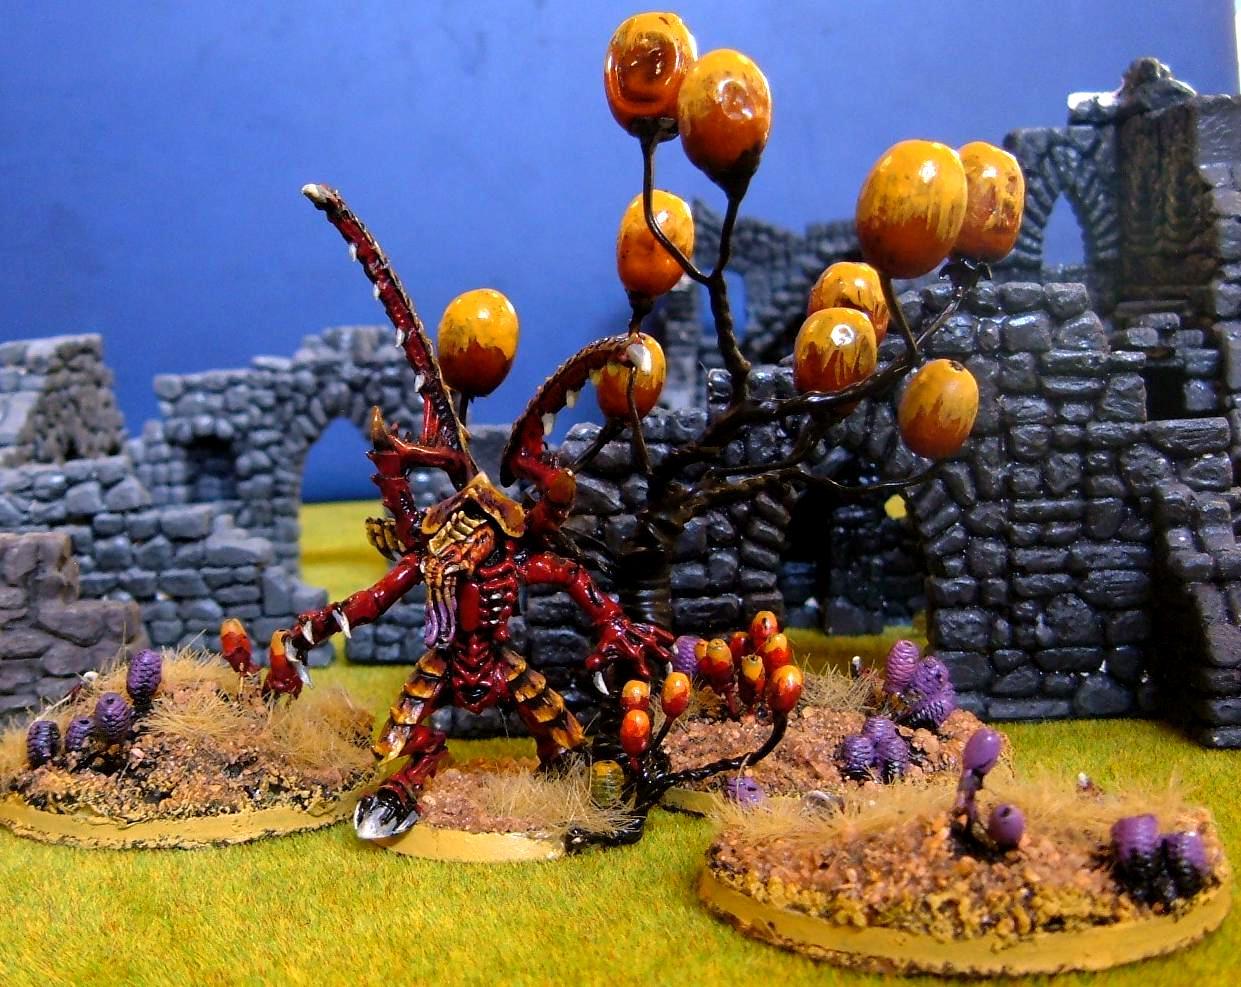 Event, Fungus, Hunter-killer, Lictor, Ruins, Tournament, Tyranids, Warhammer 40,000, Wild Grass, Wildgrass, Wildgrss